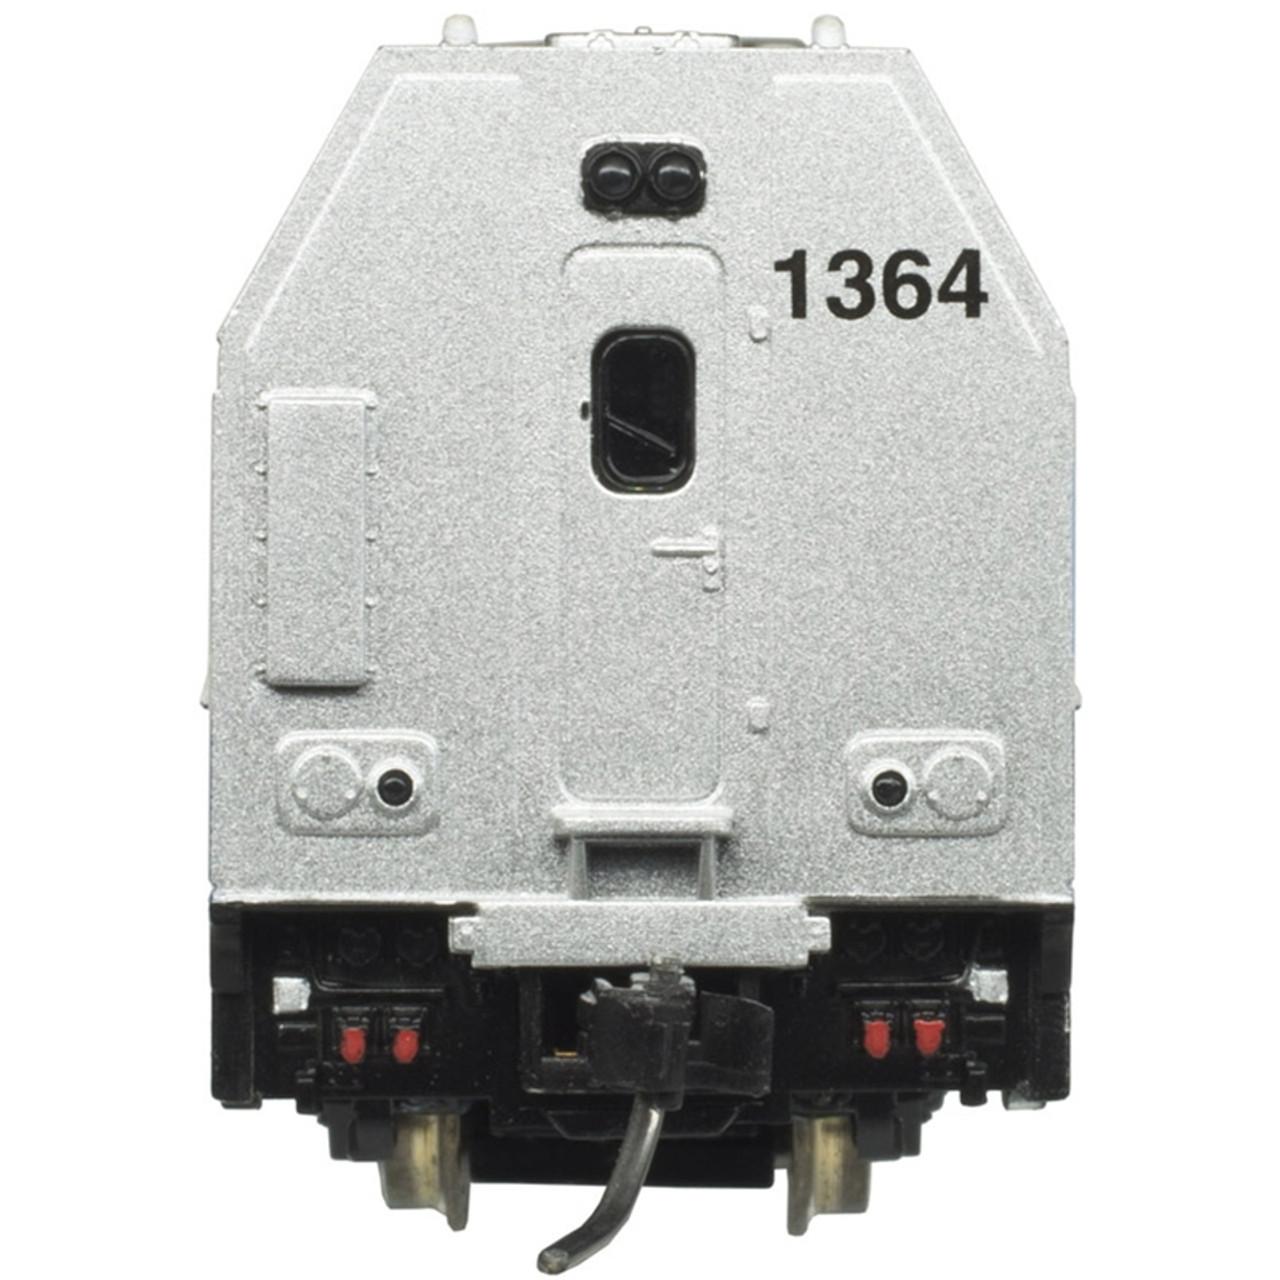 ATLAS 40004258 ALP-45DP - AMT #1364 - Gold - DCC & Sound (SCALE=N) Part # 150-40004258